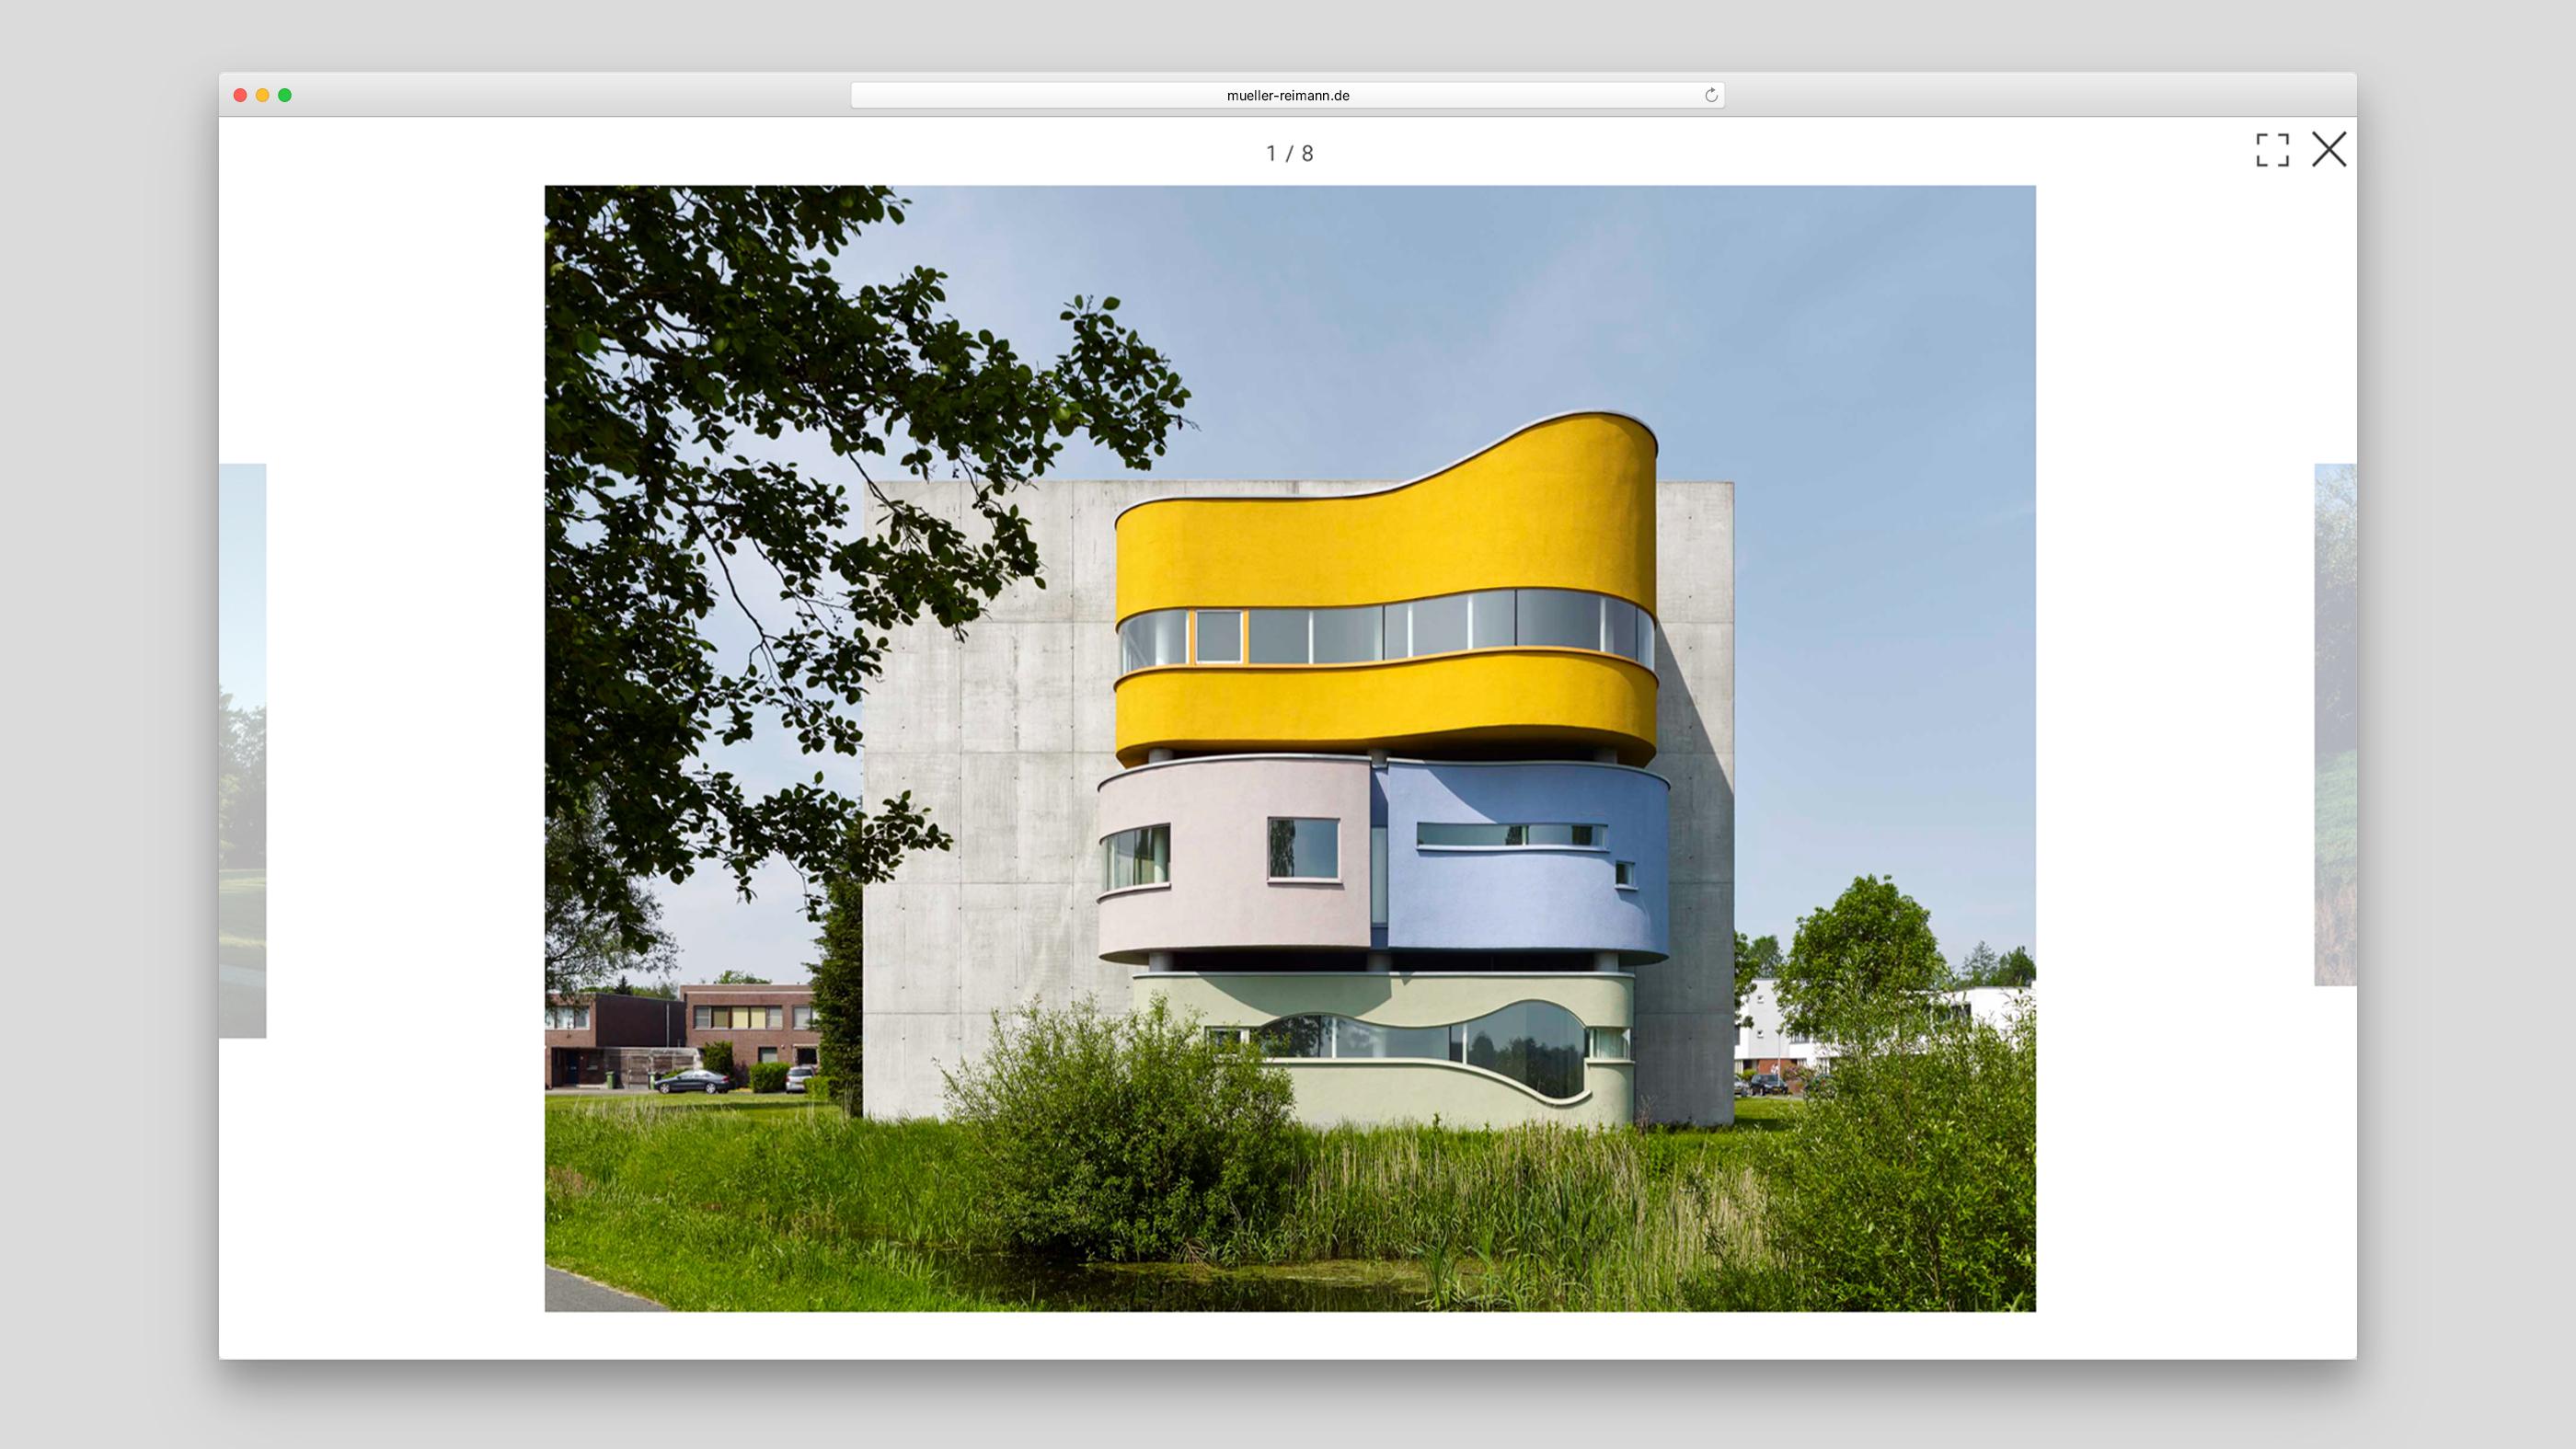 Ansicht des Gebäudes John Hejduks Wall House in Groningen